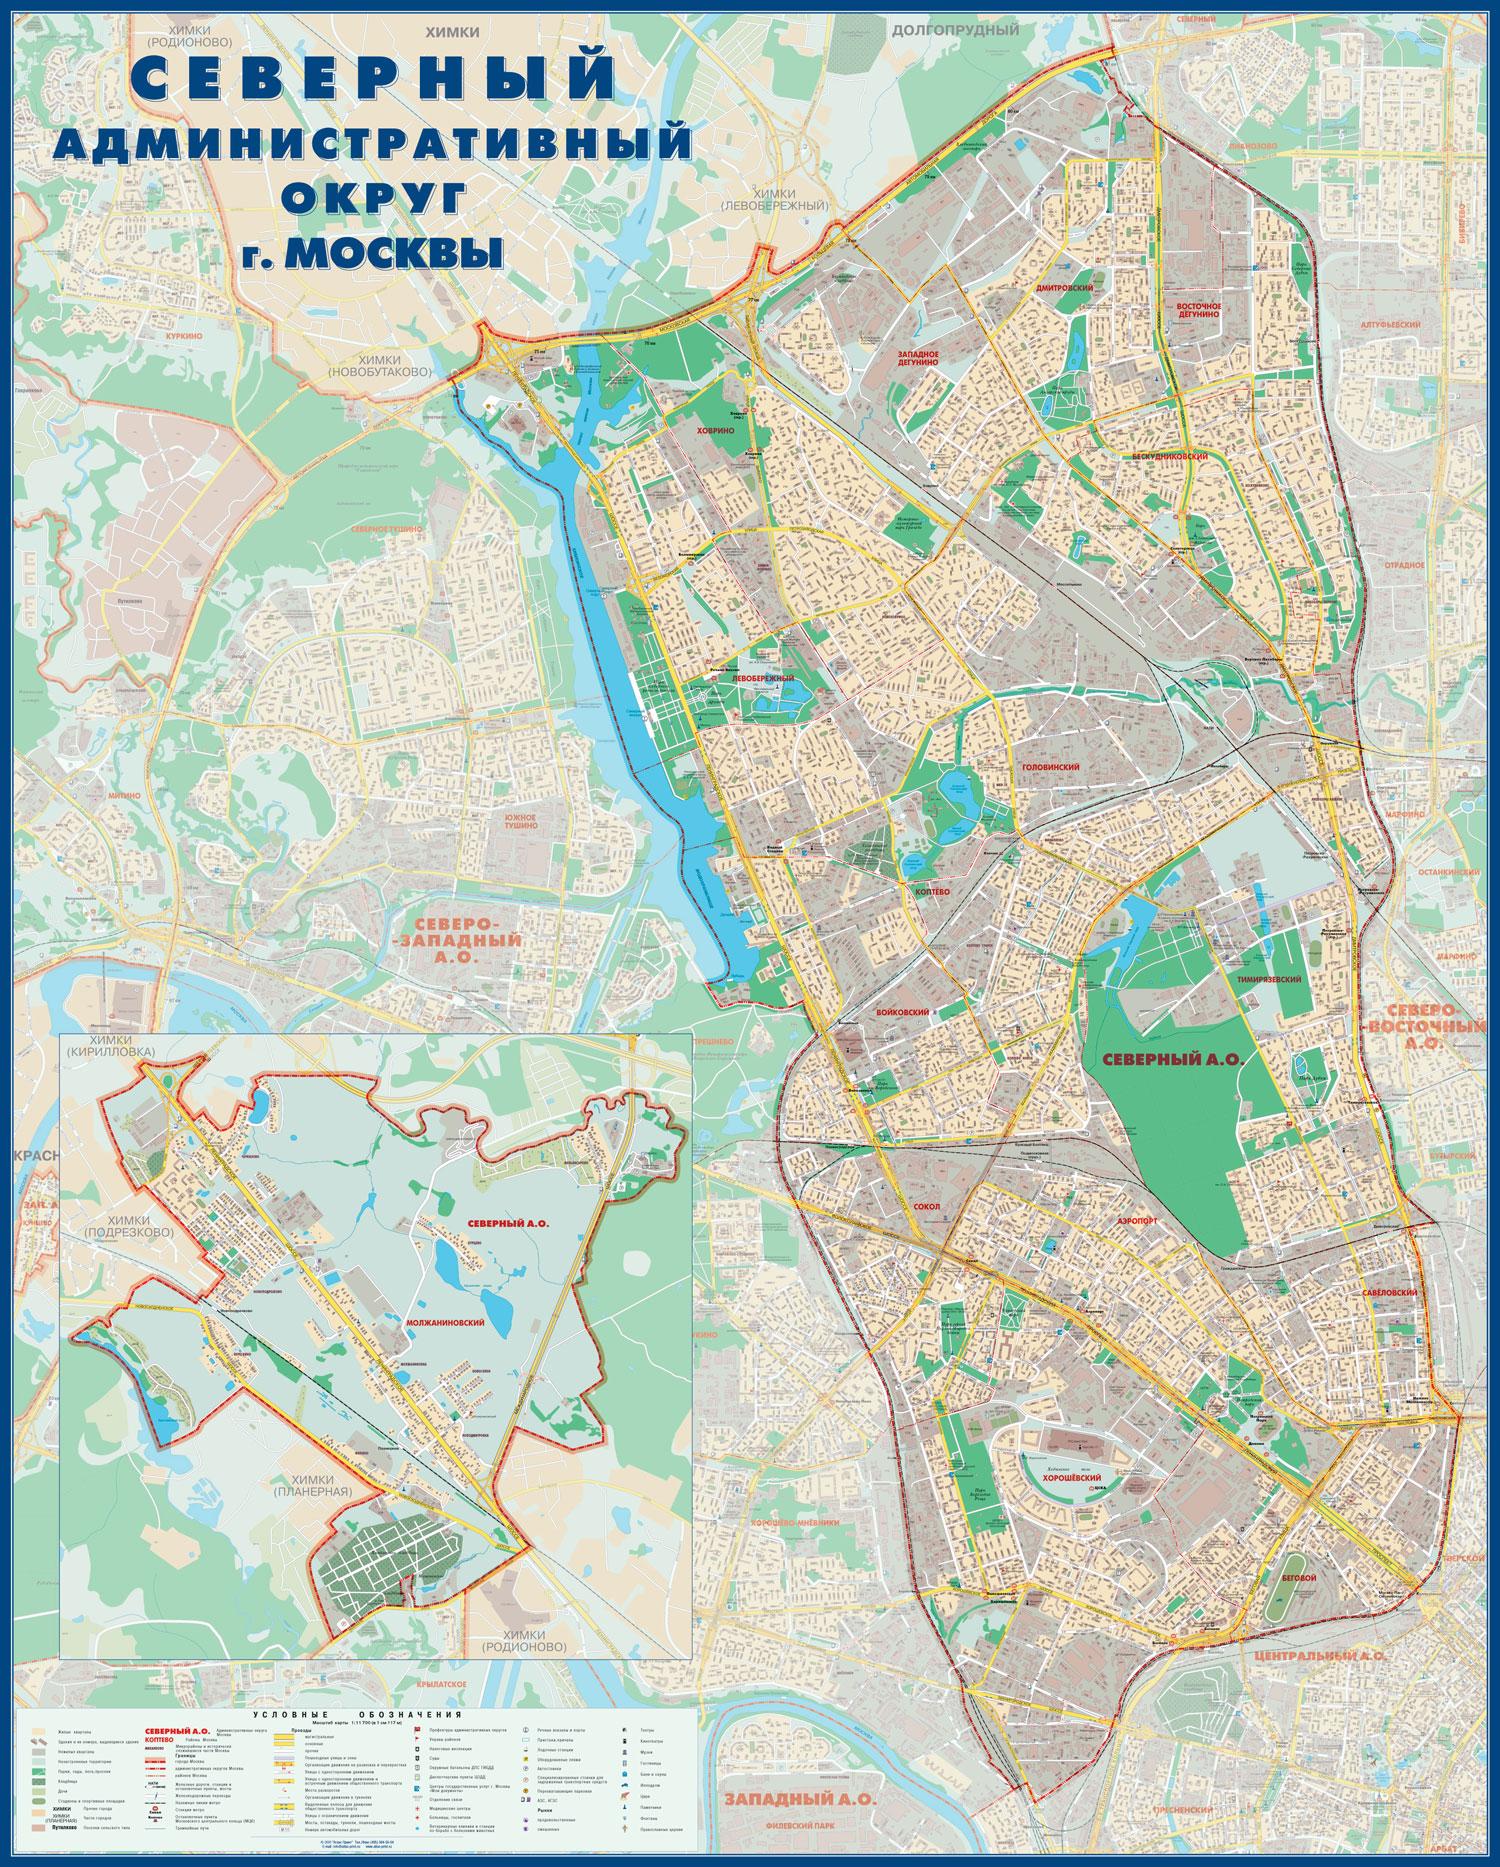 Настенная карта Северного административного округа Москвы. САО  размер 1,20х1,50 м. выполняется  на заказ